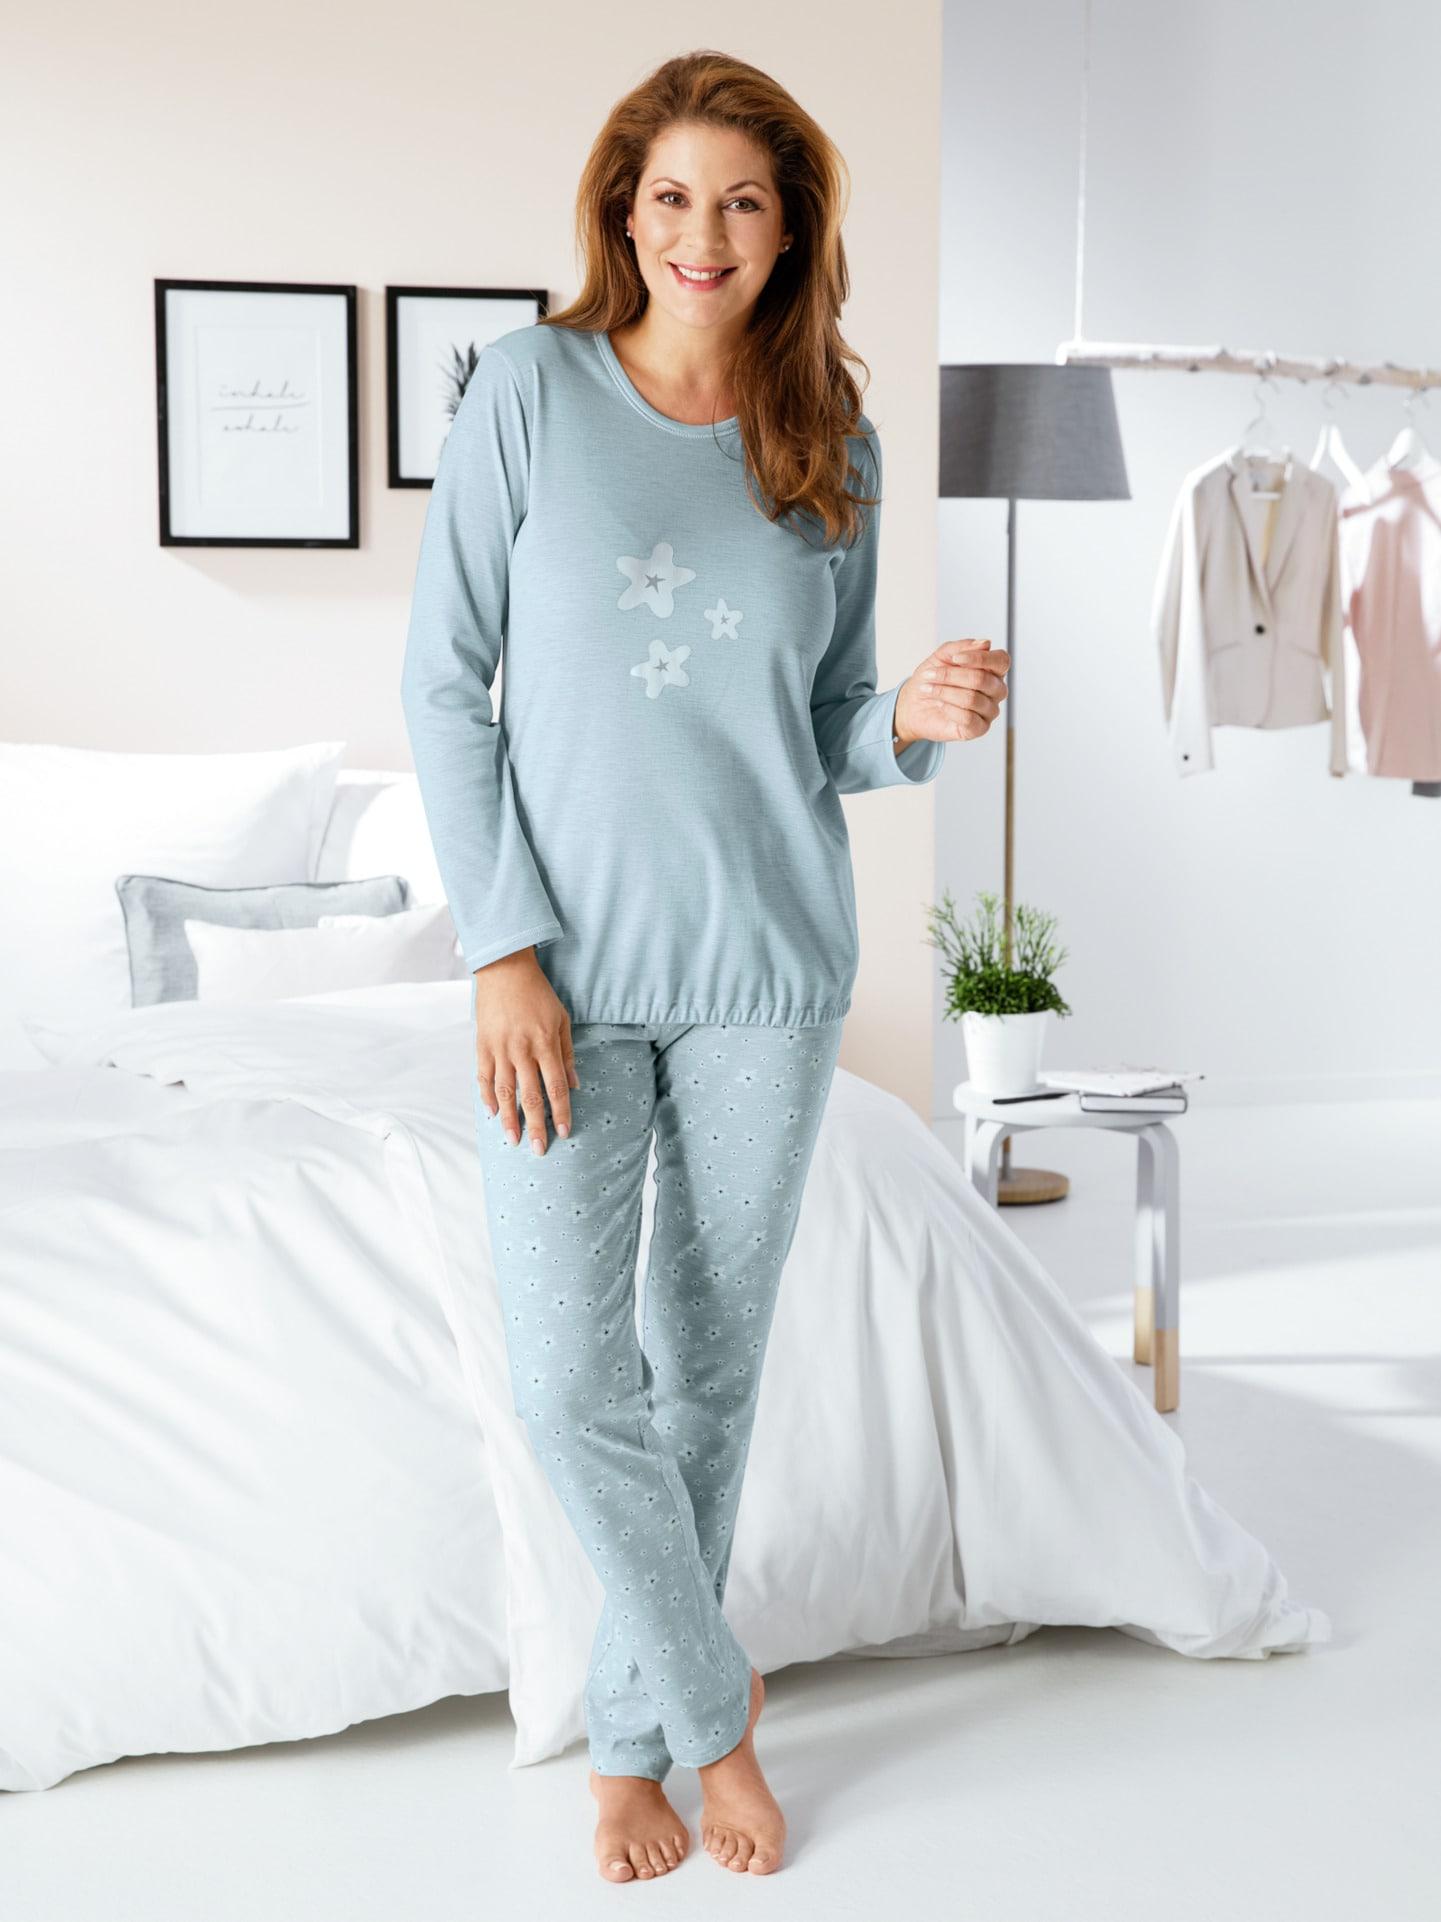 Avena Damen Pyjama Grün geblümt 42-3900-6_MV8880